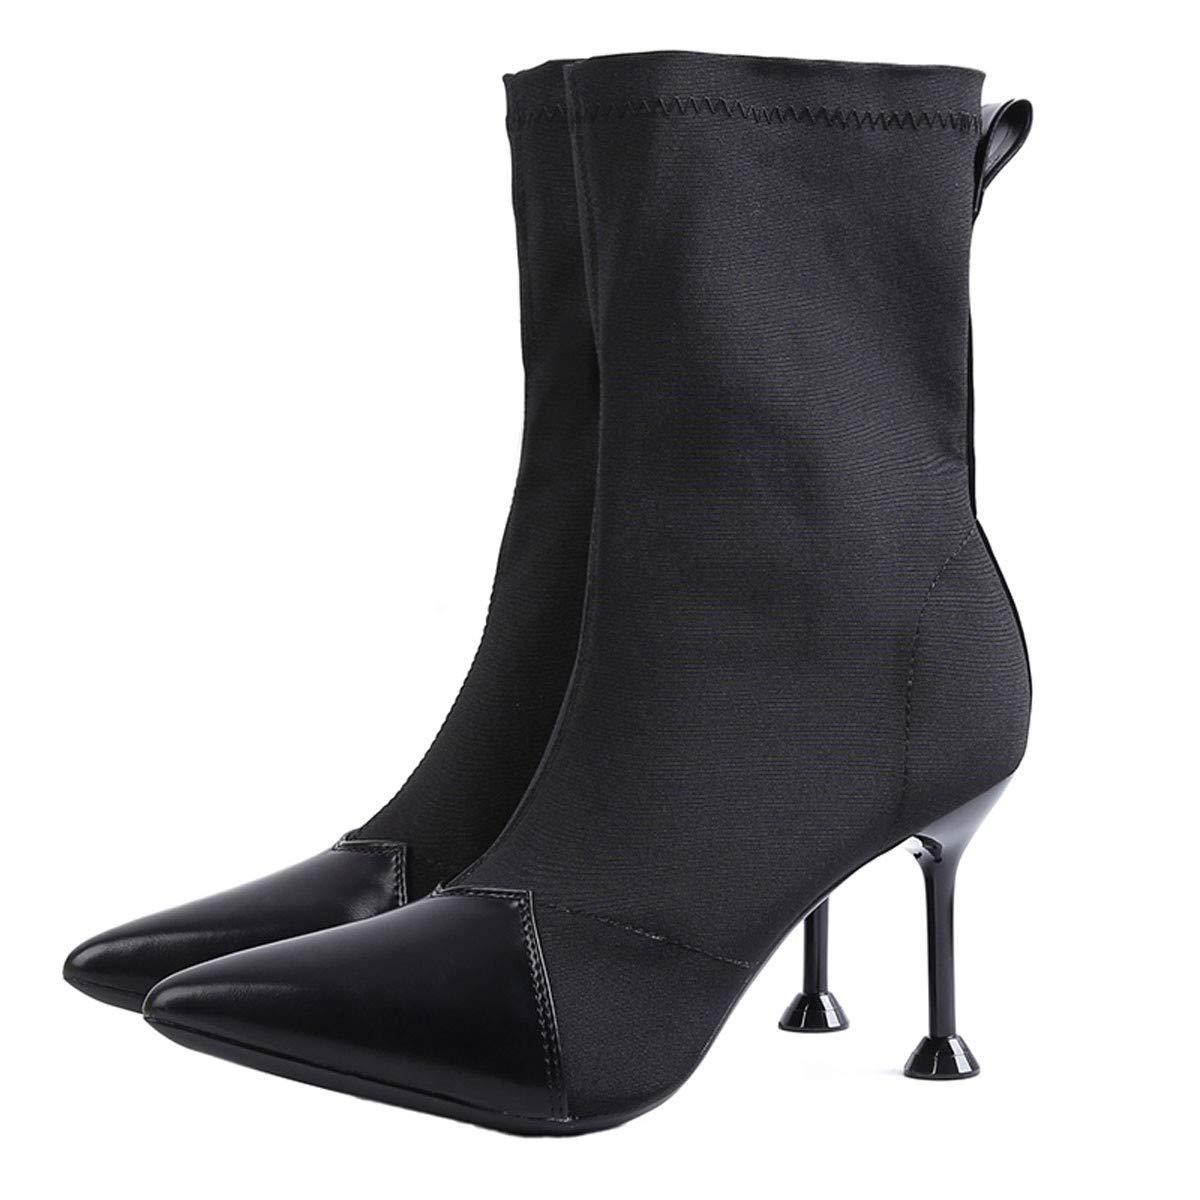 GTVERNH Frauen Schuhe Elastische Weibliche Stiefel Farbabstimmung Gut Bei Fuß Sagte Hochhackigen Schuhe Mittel U - Stiefel 7Cm Martin Stiefel Damenschuhe.